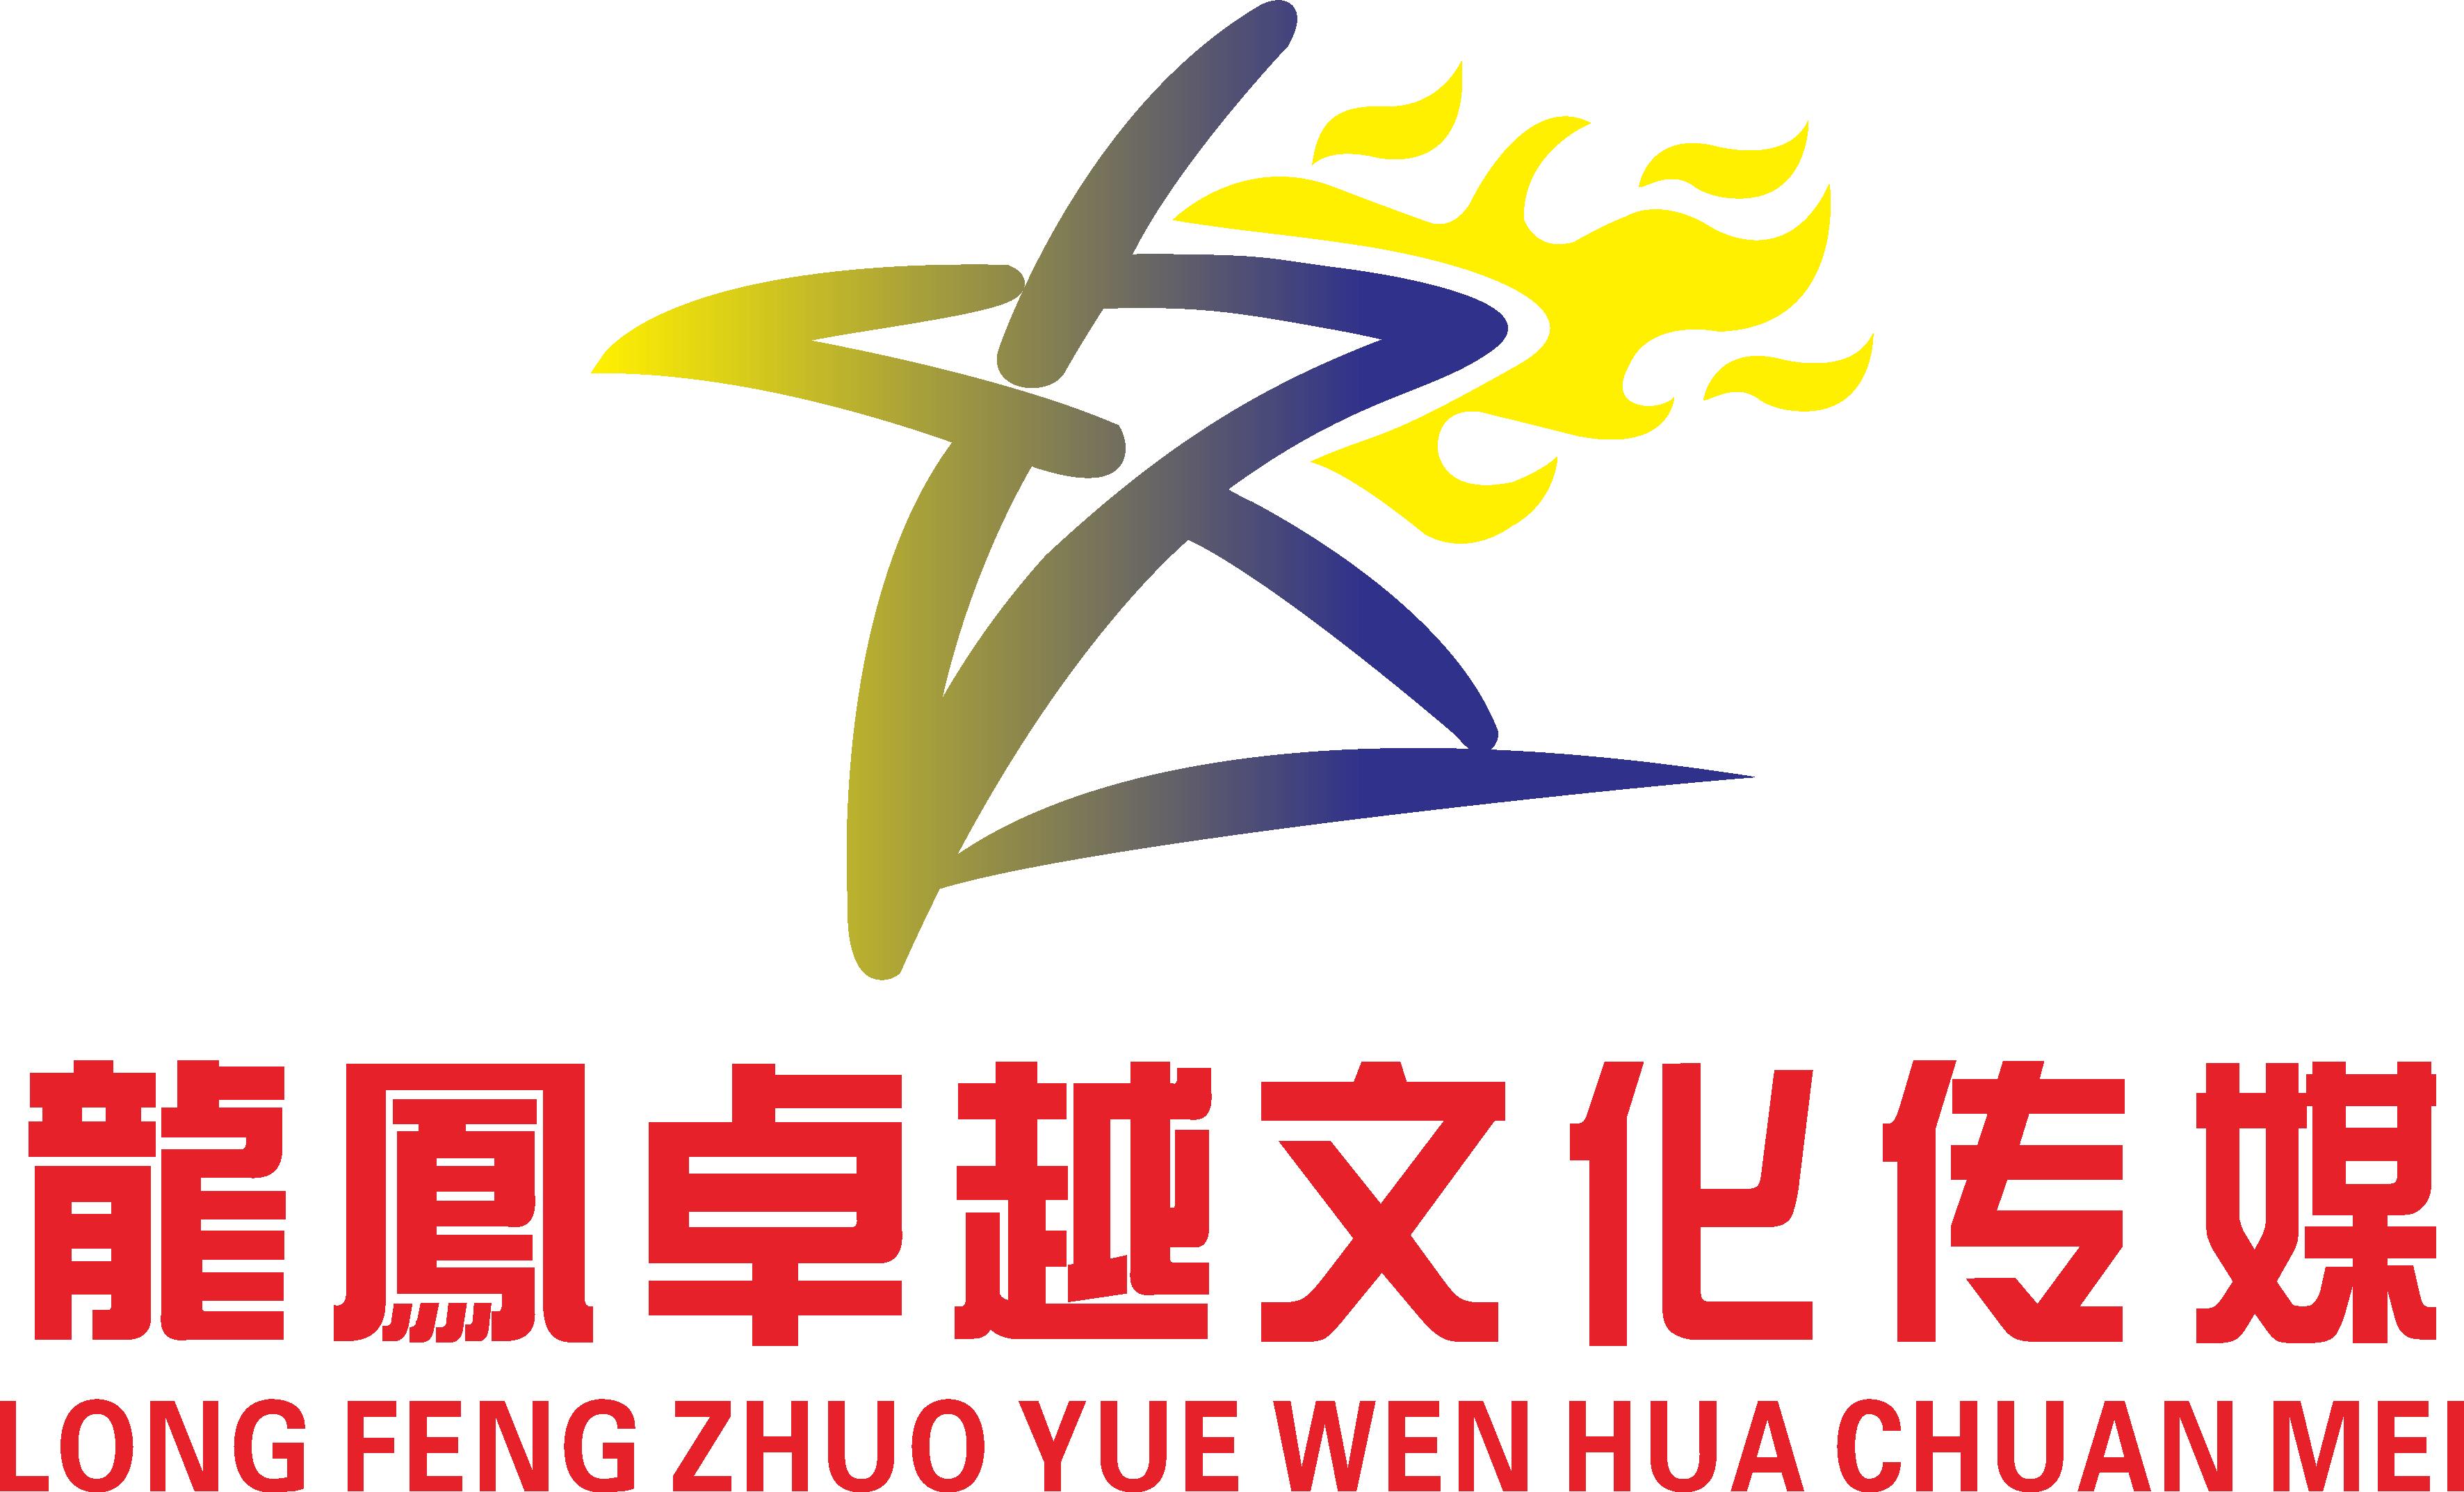 龙凤卓越文化传媒有限公司